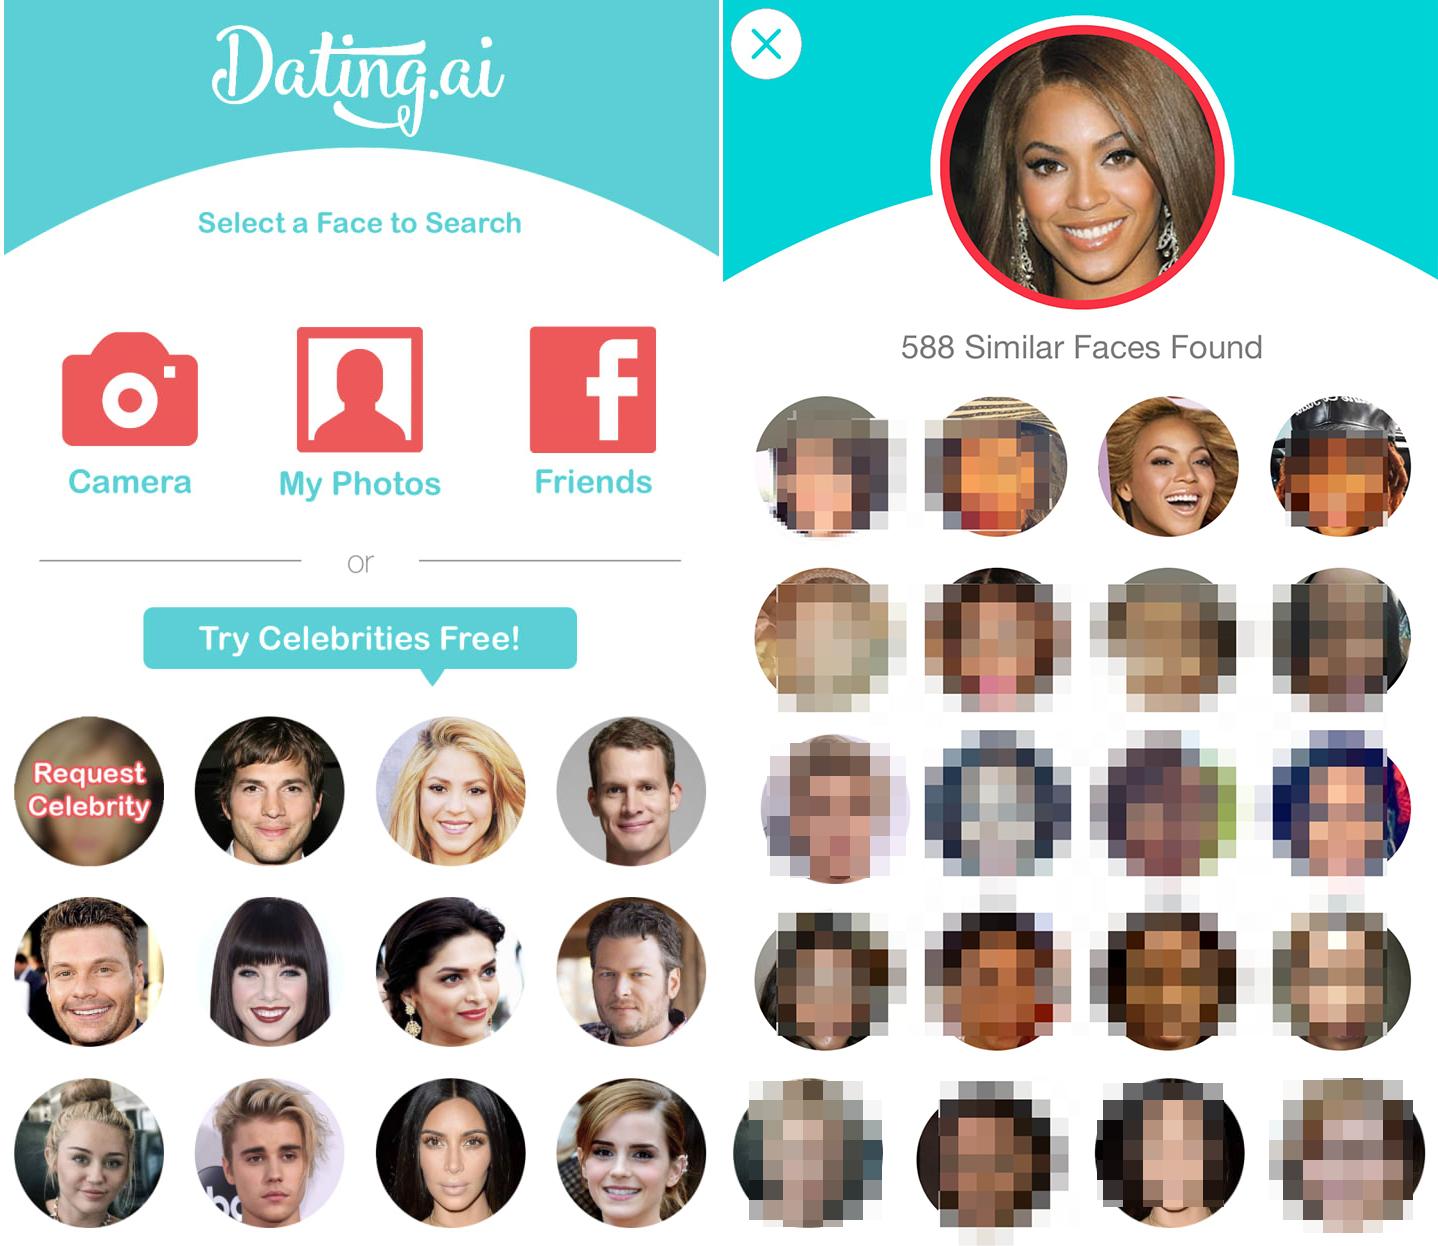 Dwa screeny z randkowej aplikacji, po lewej stronie do wybory wiele twarzy celebrytów. Twarze umieszczone są w małych okręgach, w rzędach. Po prawej srnie wybrana twarz czarnoskórej lebrytki, pod spodem dopasowane twarze ludzi, wypikselowane.